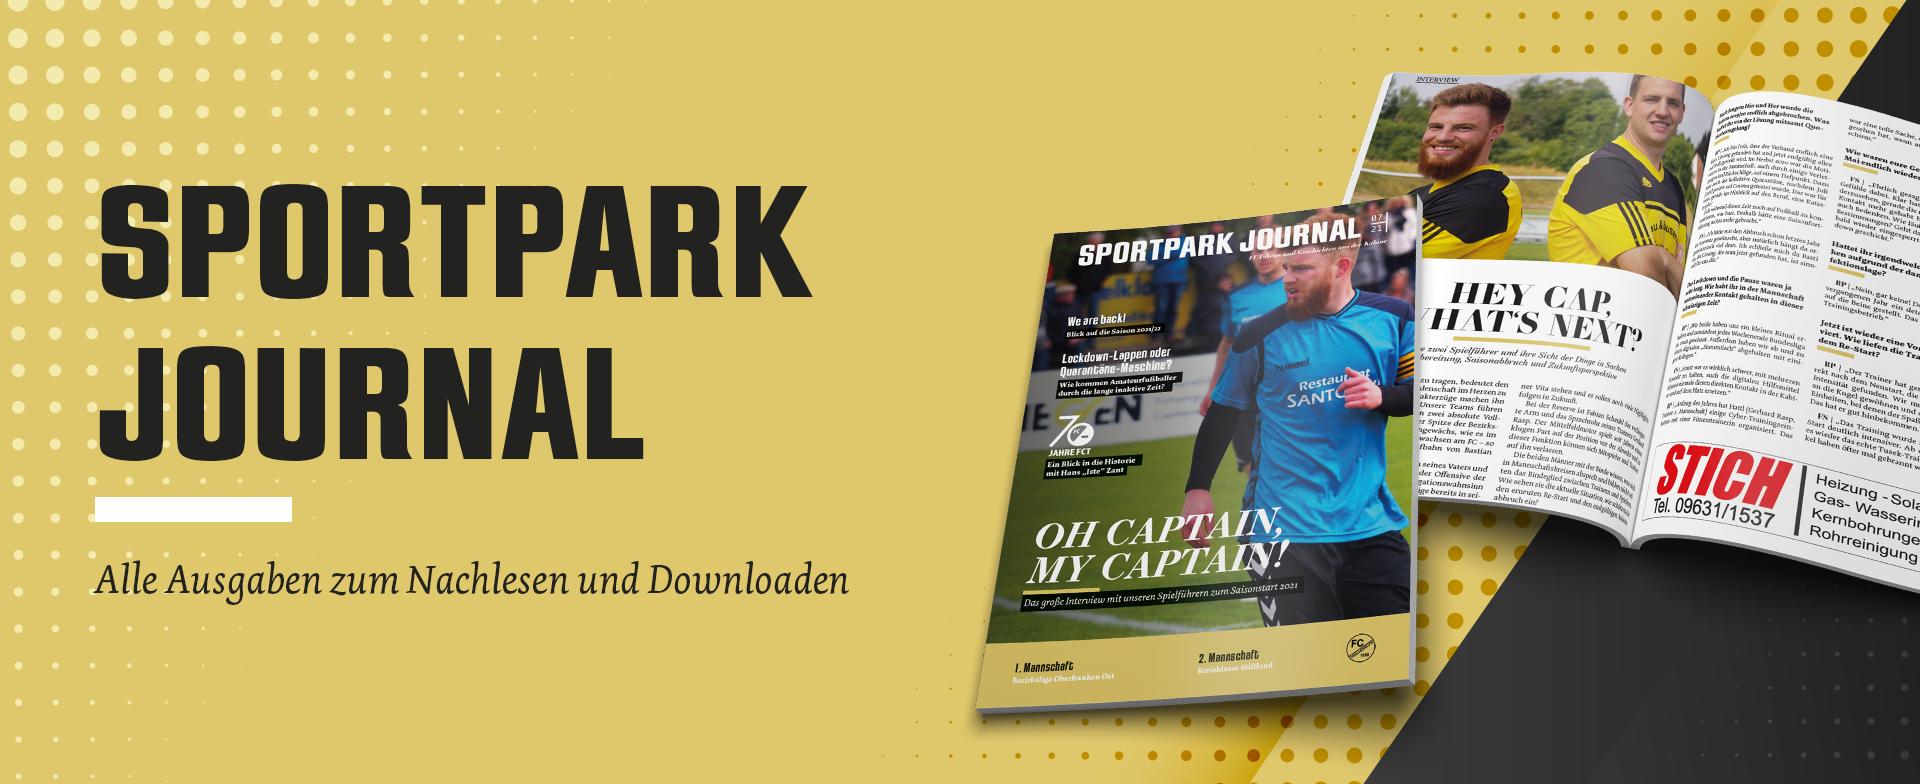 Sportpark Journal